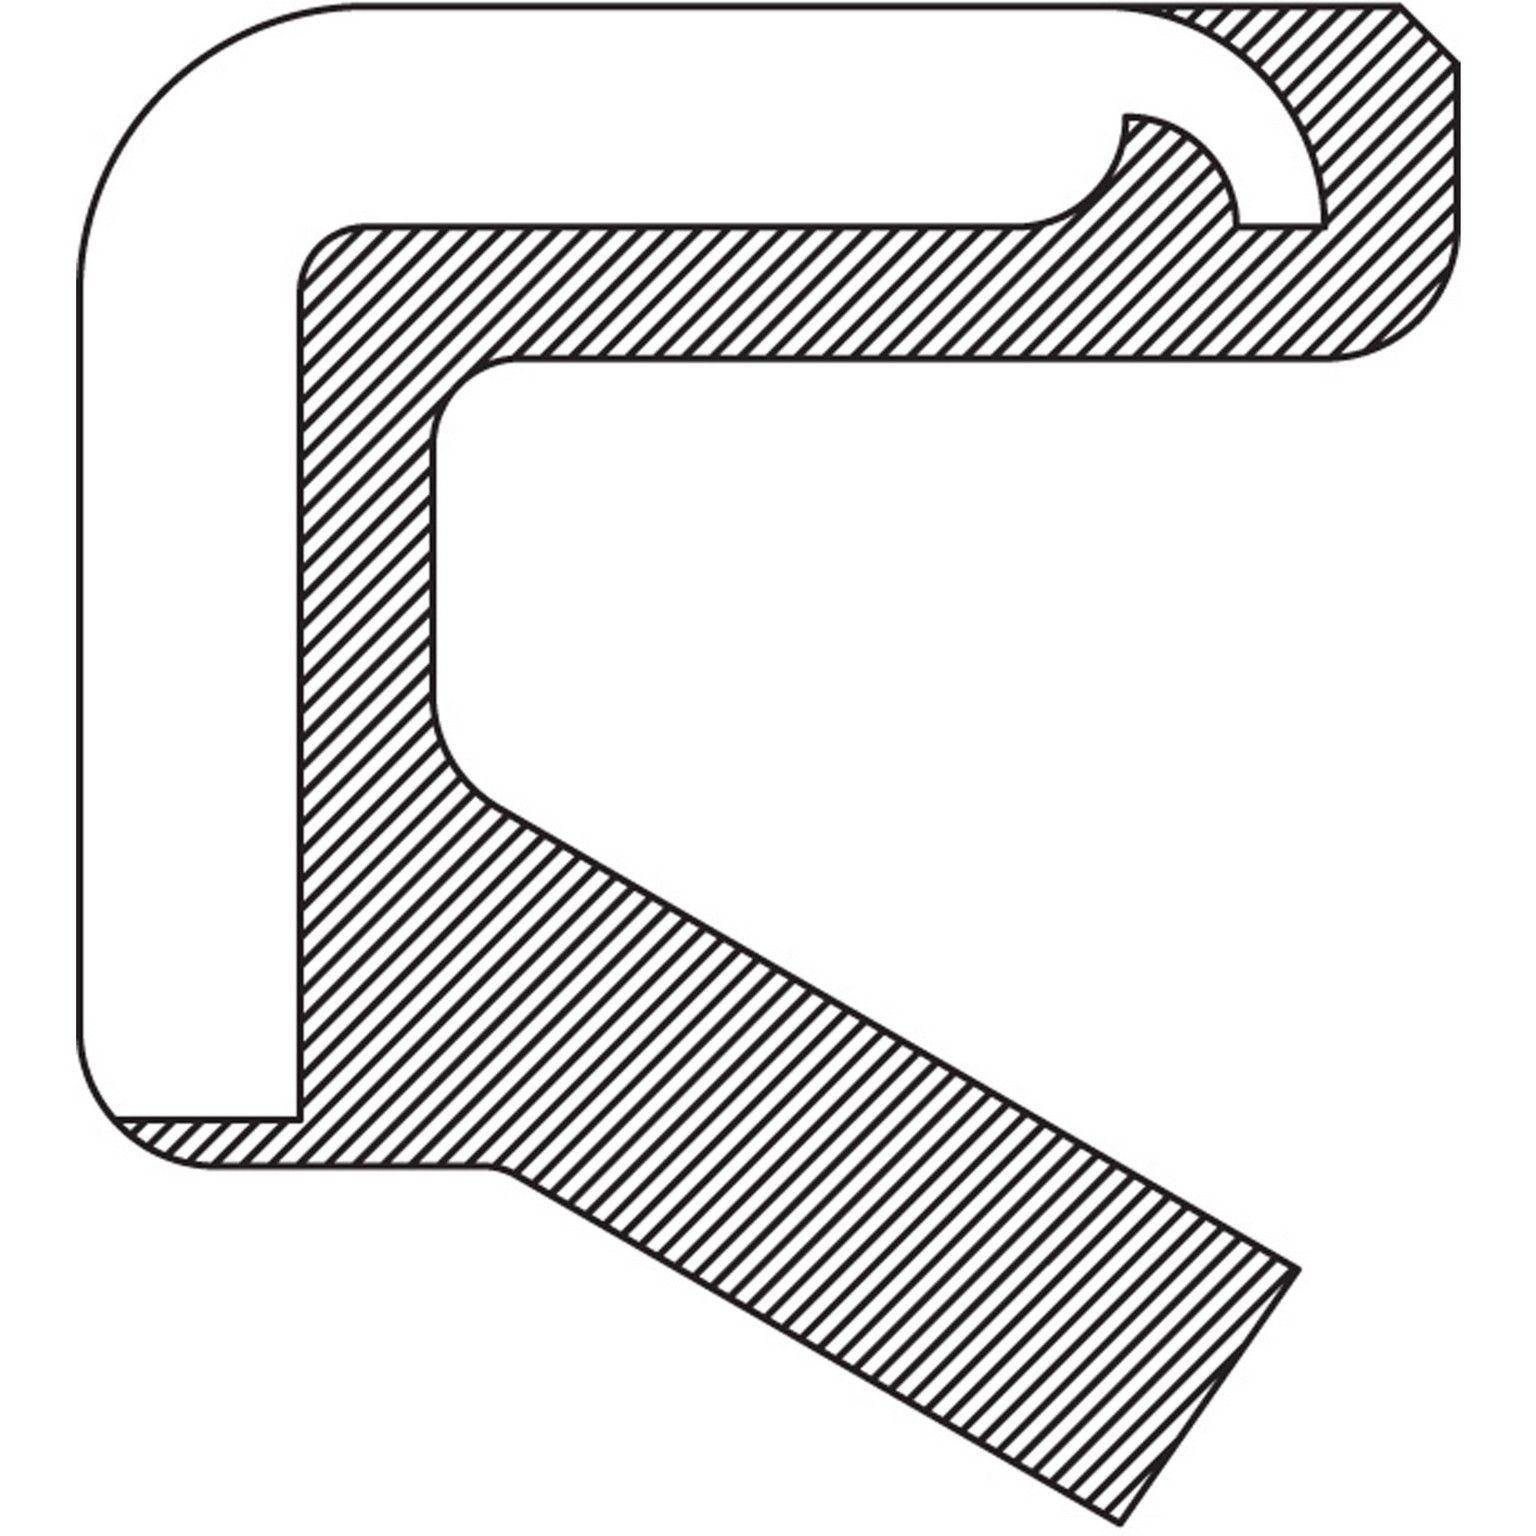 del schaltplan viddyup com 98 dodge durango radio wiring2a6d337 1 jpg